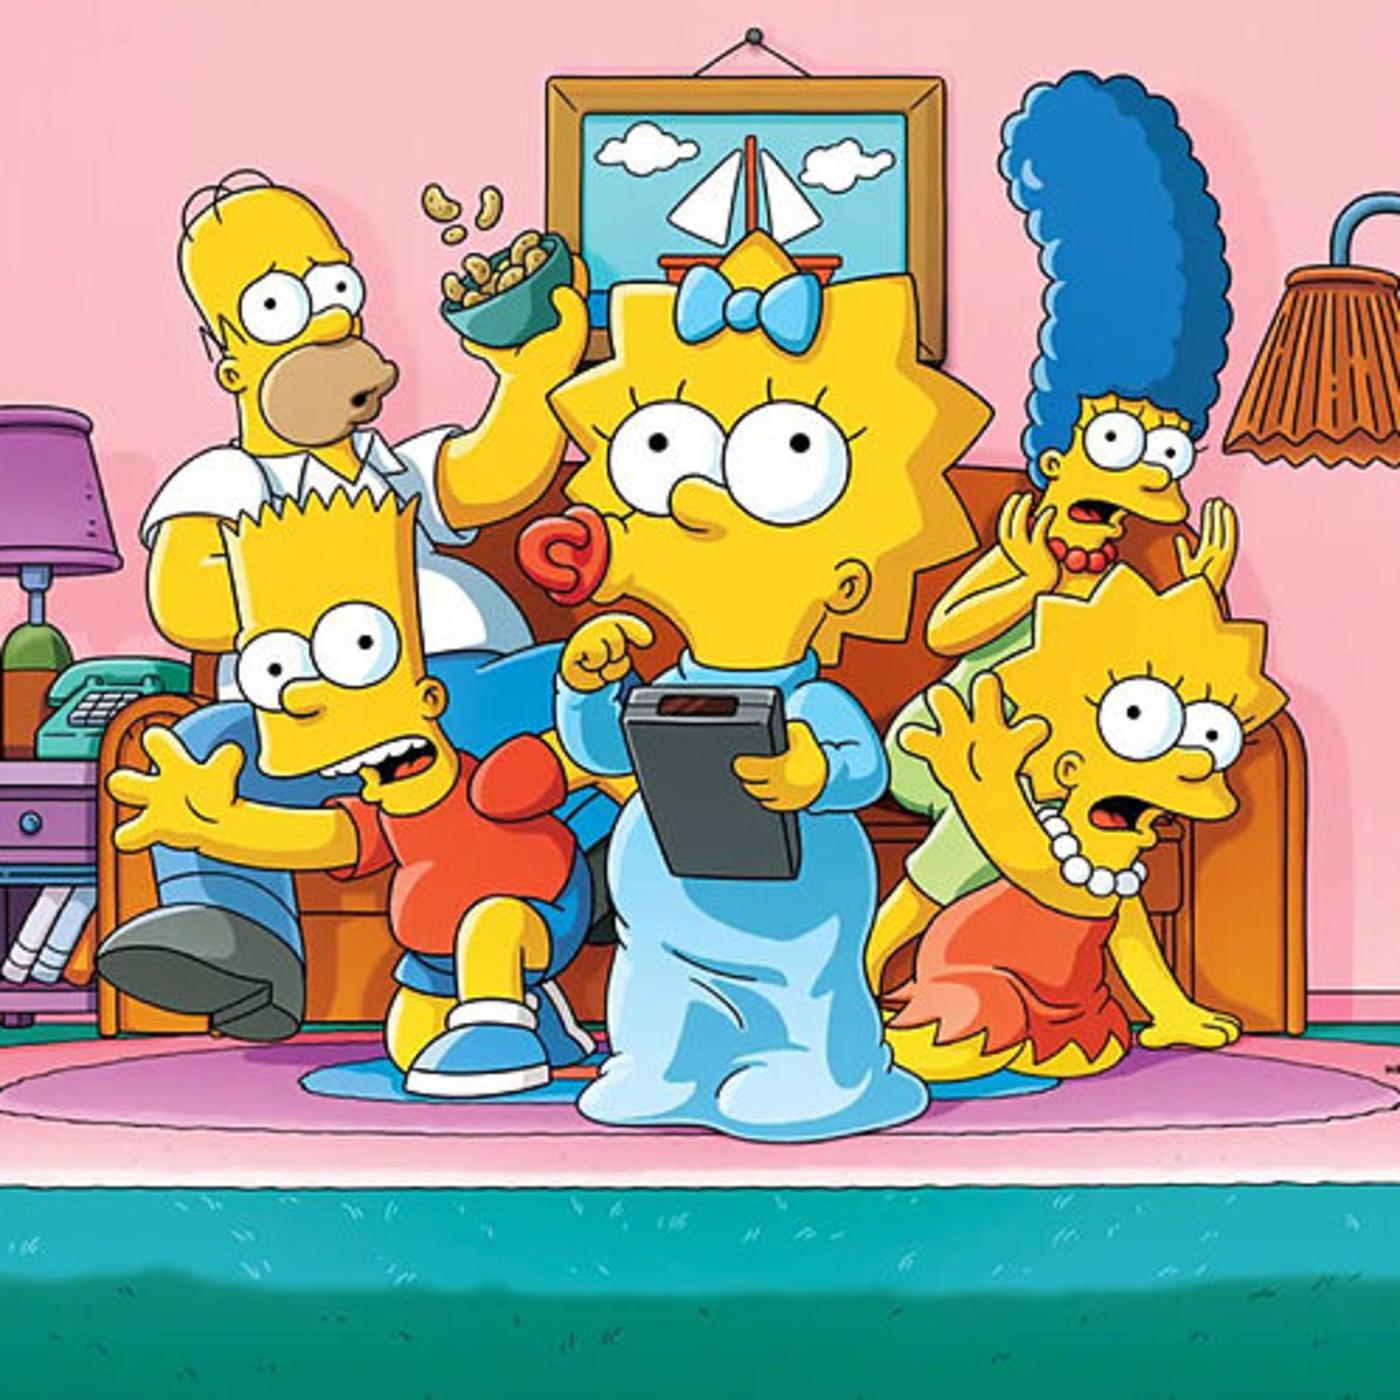 ¿Por qué predicen tantas cosas Los Simpson?